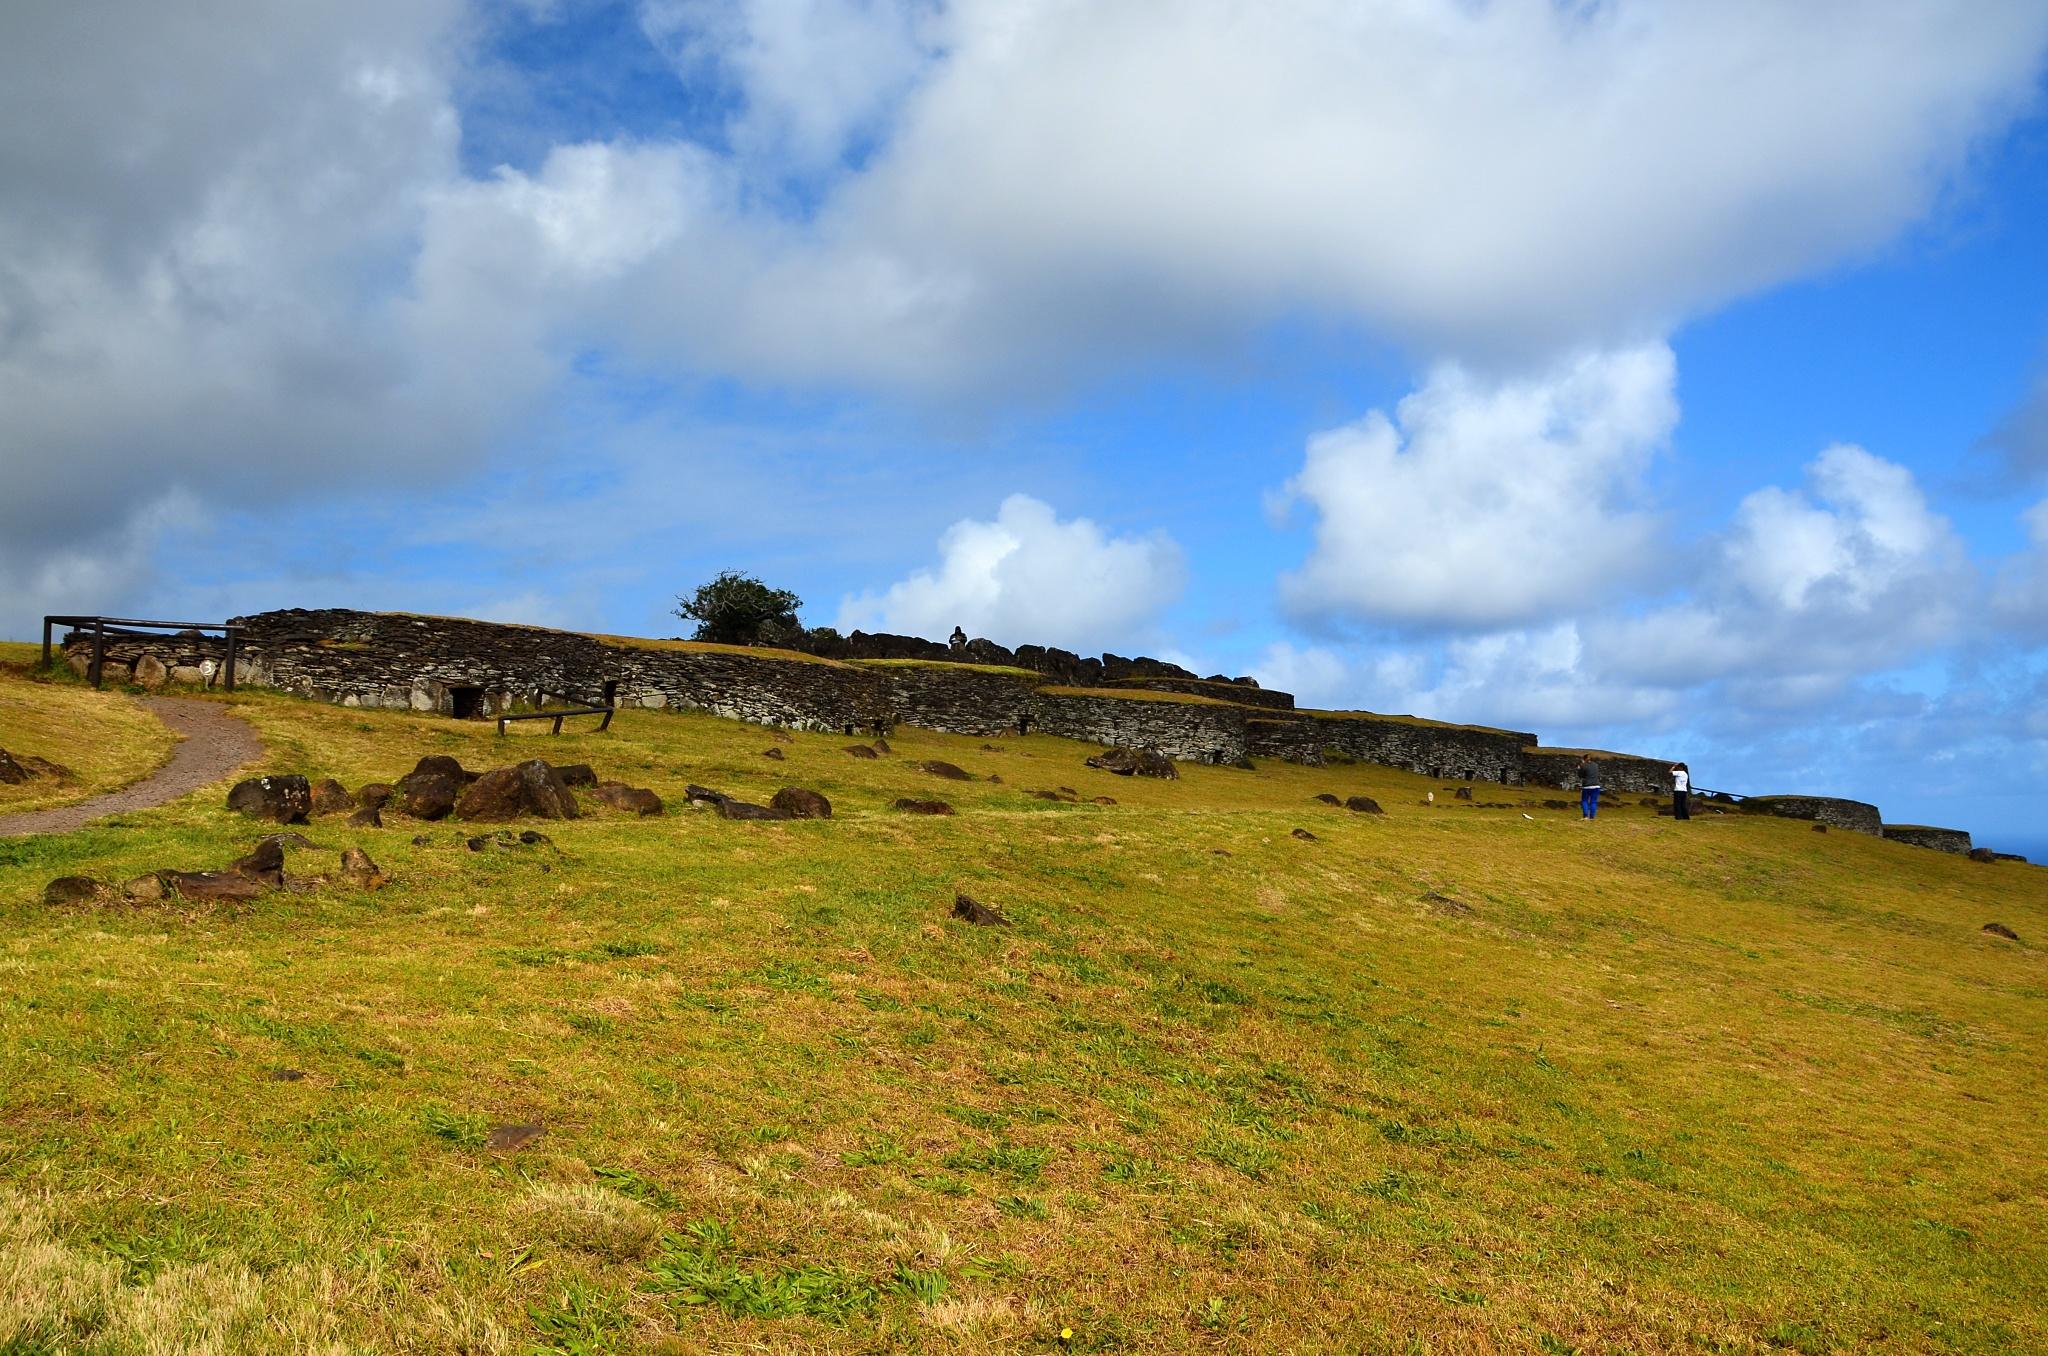 Obřadní vesnice na vulkánu Rano Kau